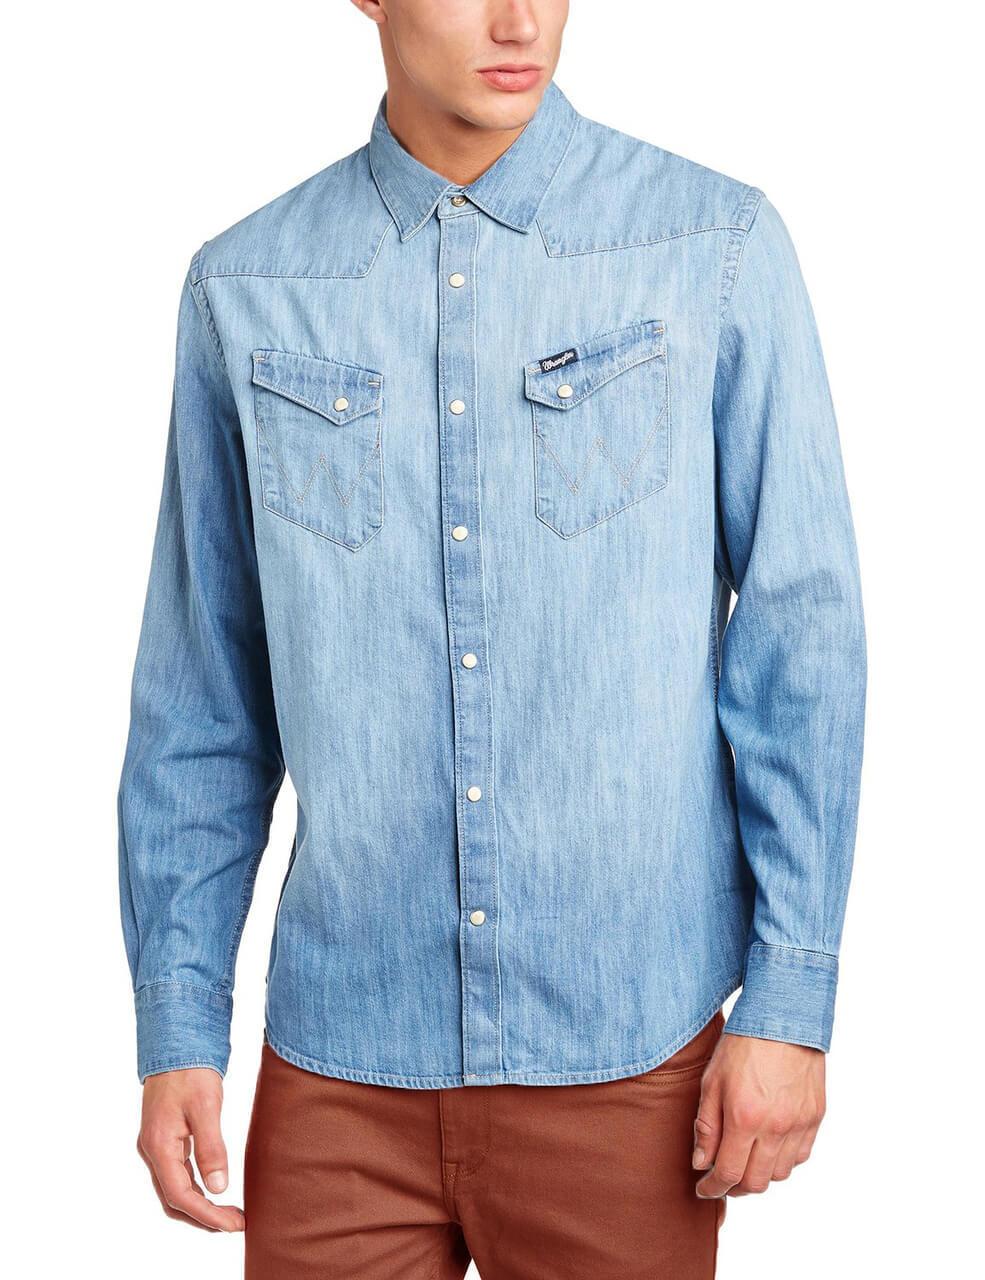 Wrangler denim shirt long sleeve western light indigo blue for Wrangler denim shirts uk